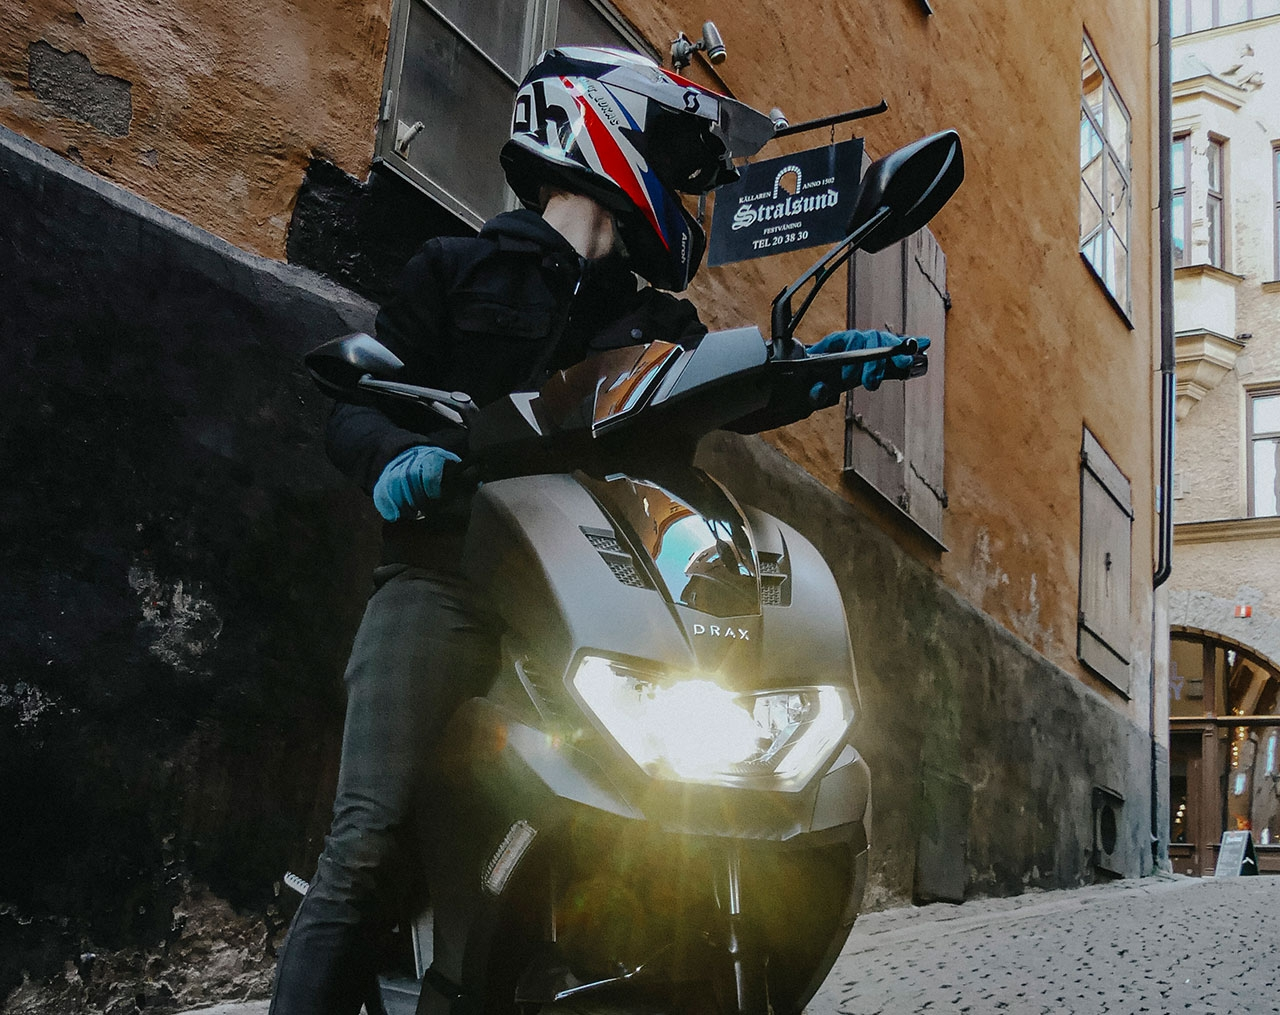 Drax Storm Mattsvart Moped